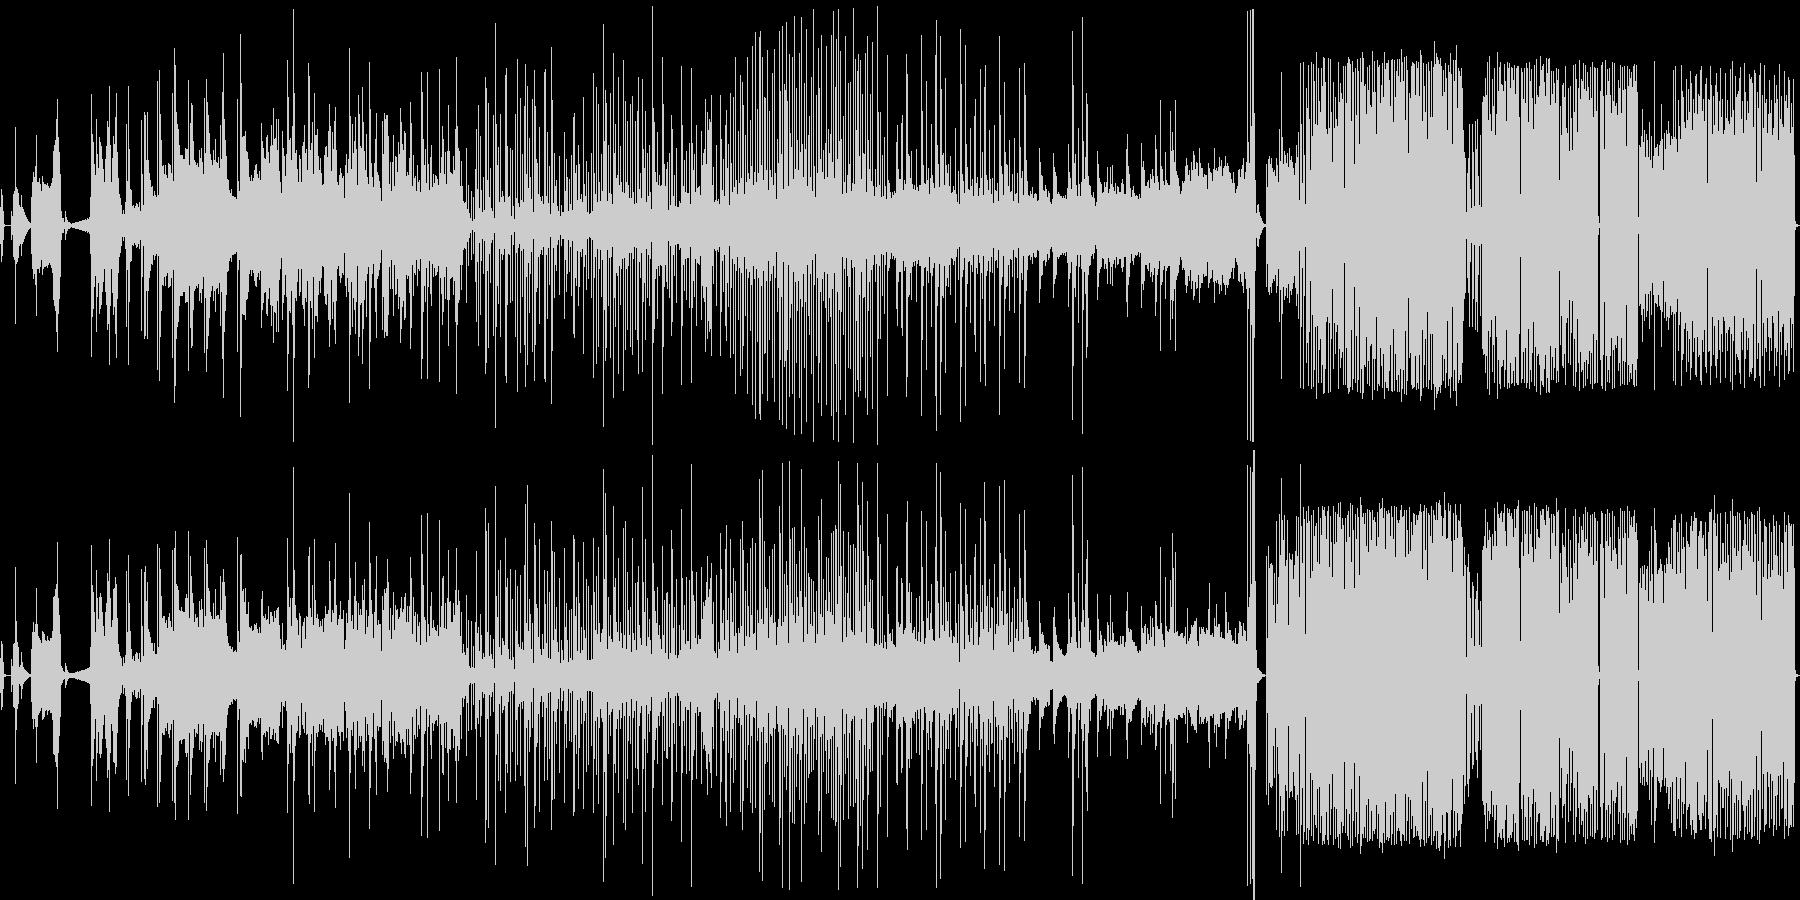 コンピュータサウンド〜3部作〜の未再生の波形